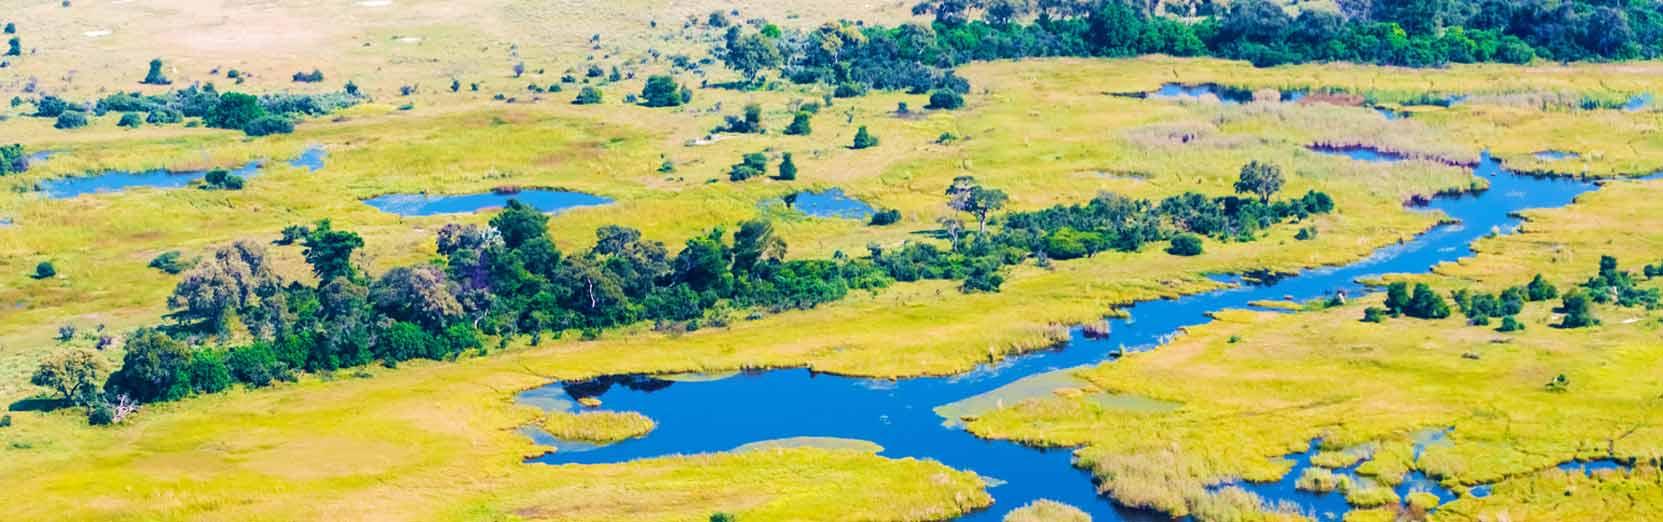 Auto mieten in Botswana